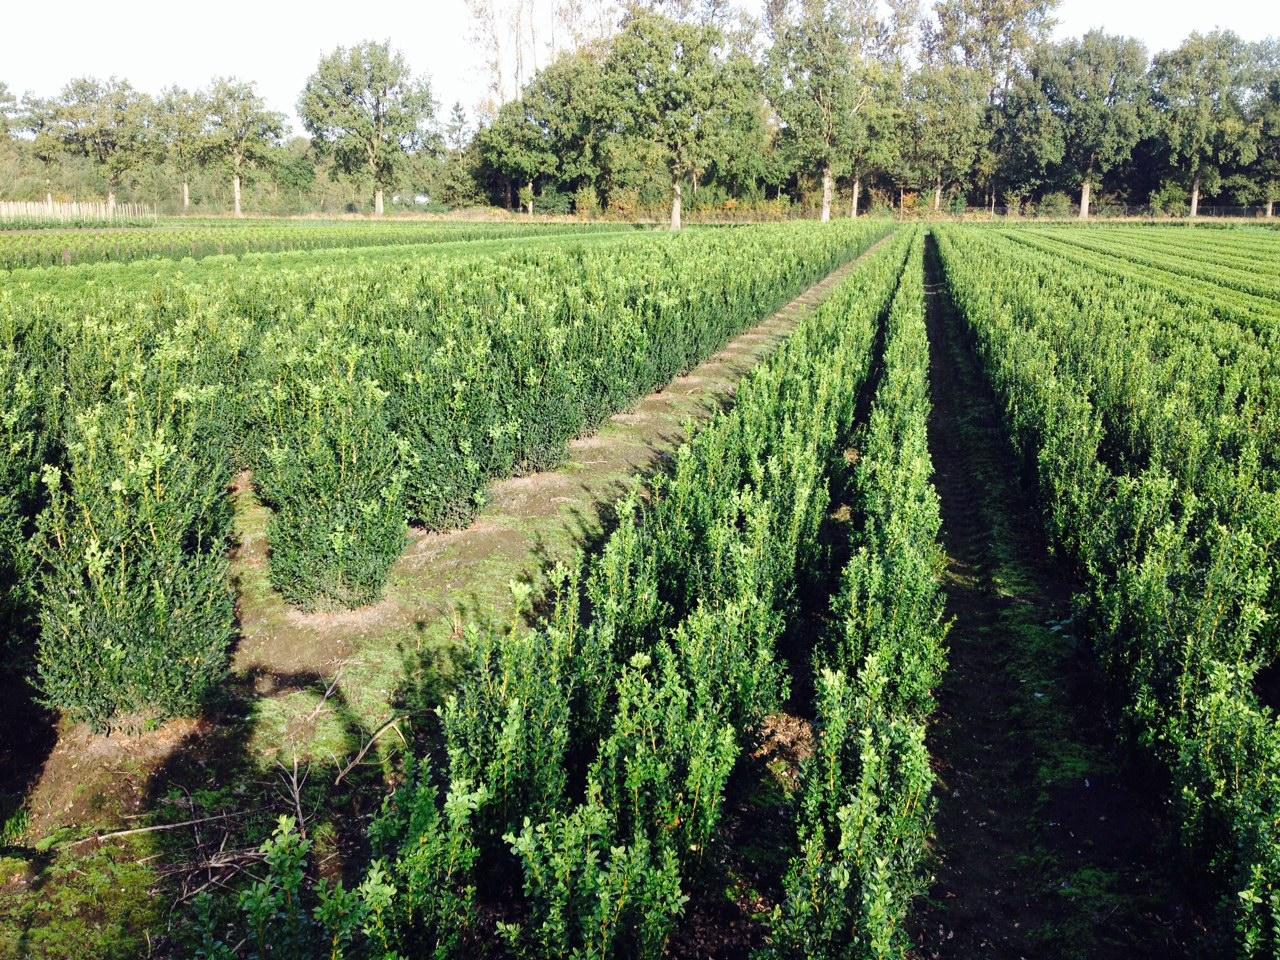 boomkwekerij Maréchal Buxus struiken